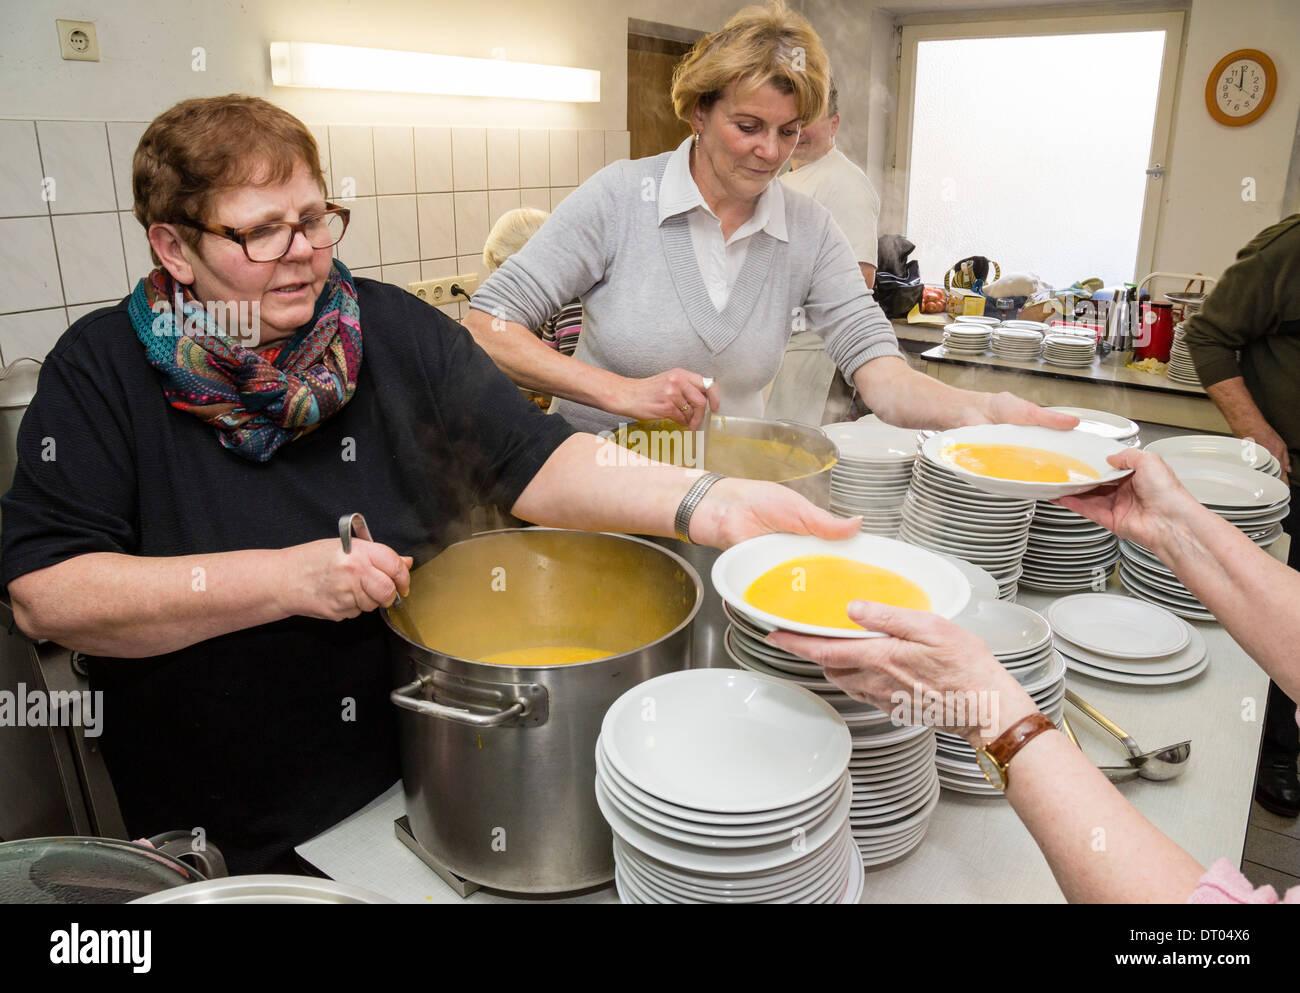 Los voluntarios de la comunidad local de la iglesia llenar los platos con sopa de calabaza, que se sirvió una cena de Navidad para personas sin hogar Imagen De Stock